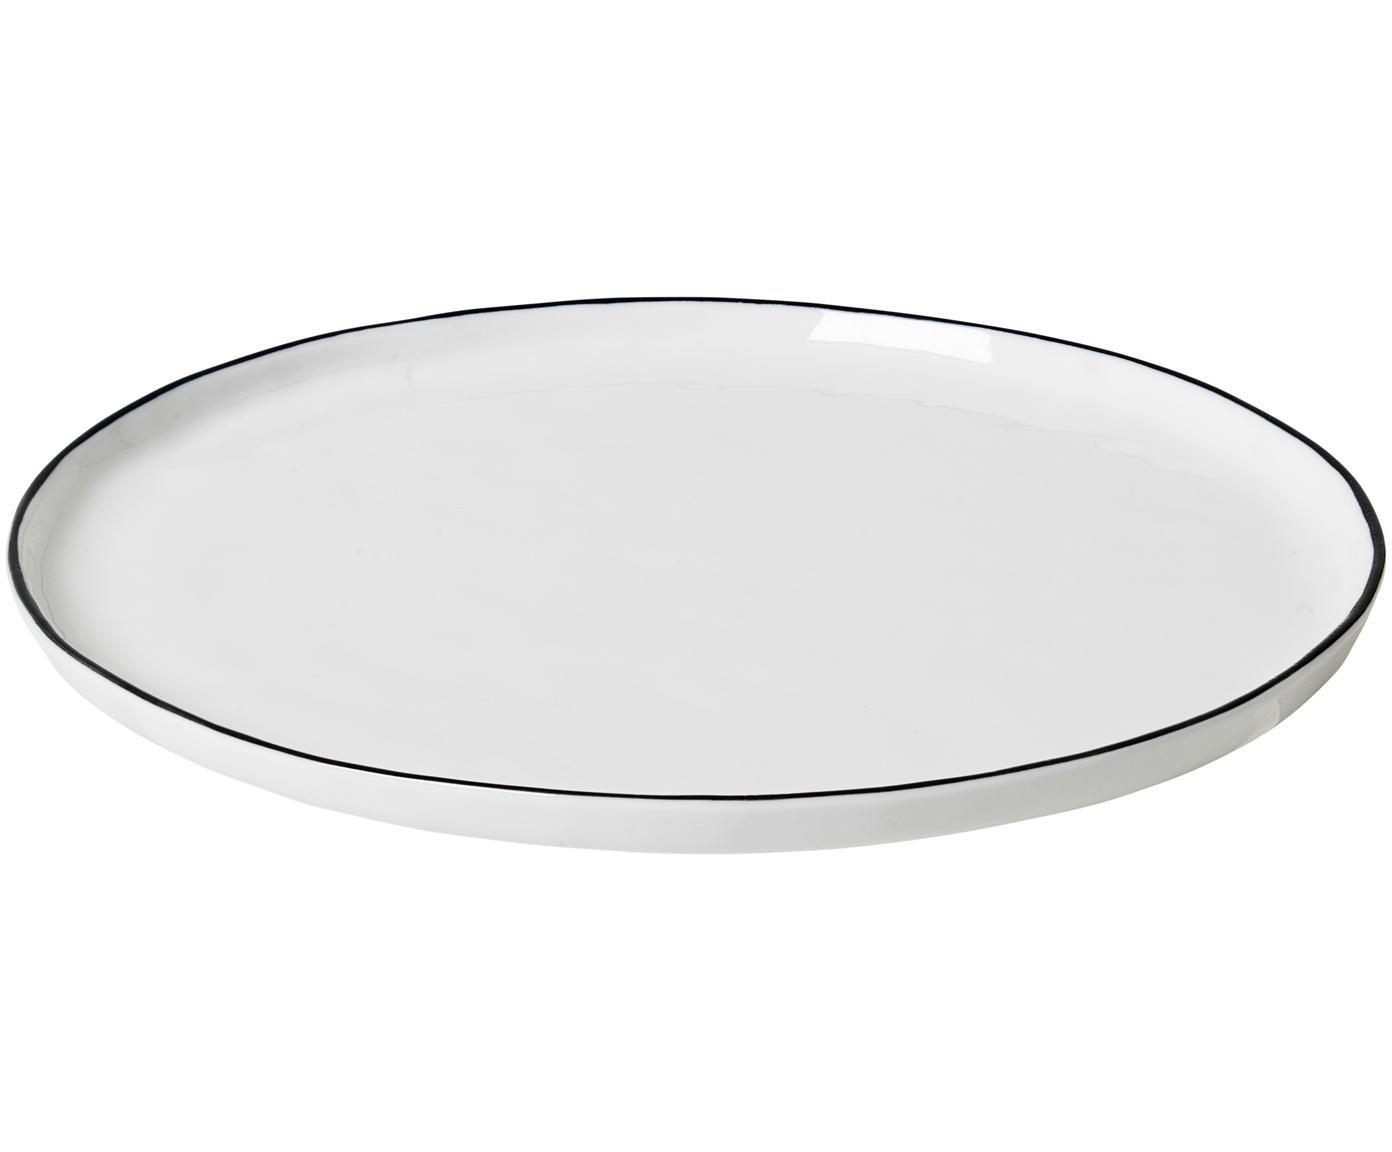 Handgemachte Speiseteller Salt, 4 Stück, Porzellan, Gebrochenes Weiss, Schwarz, Ø 28 cm